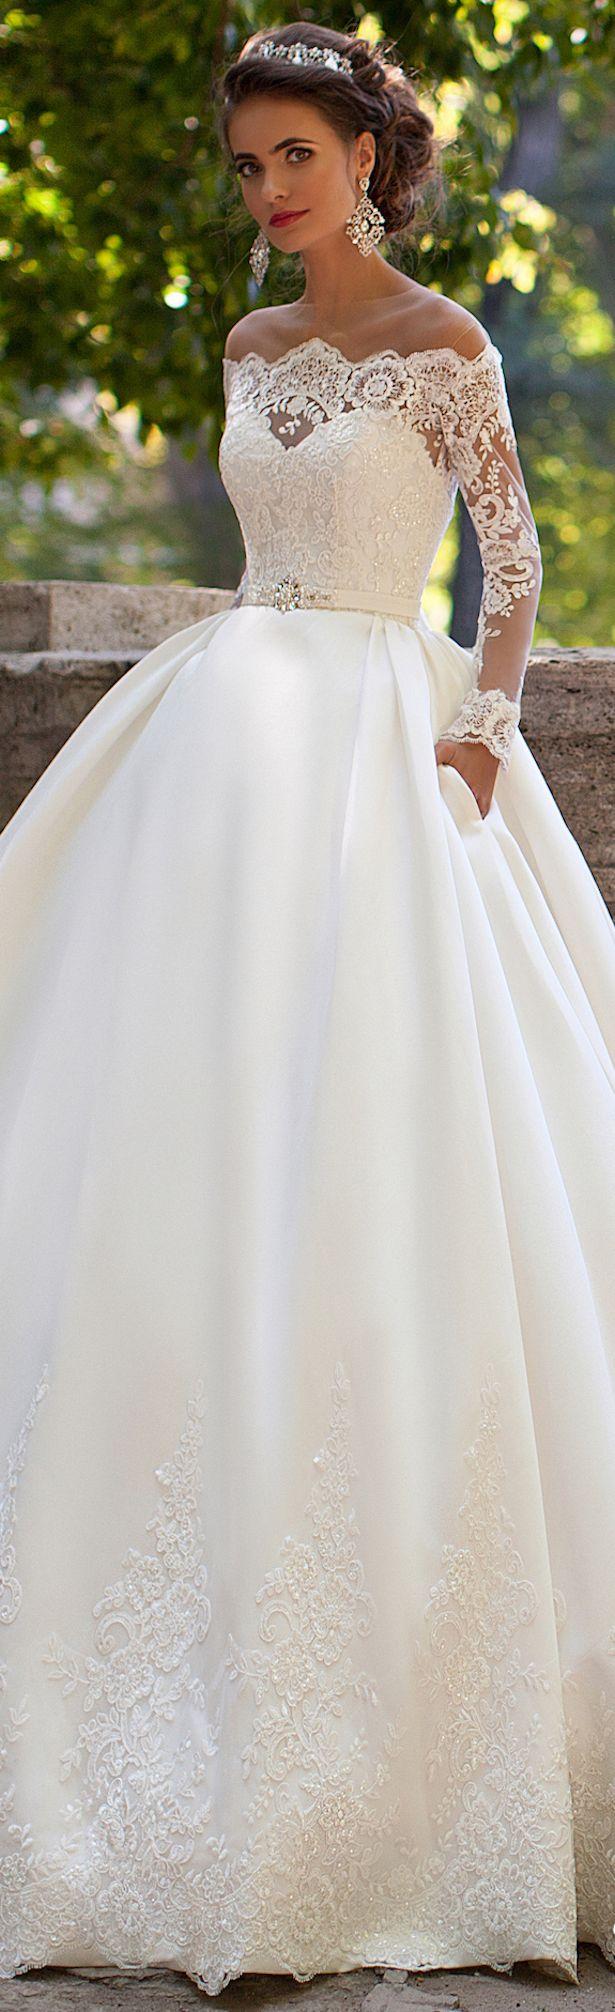 Milla Nova 16 Bridal Collection  Ballkleid hochzeit